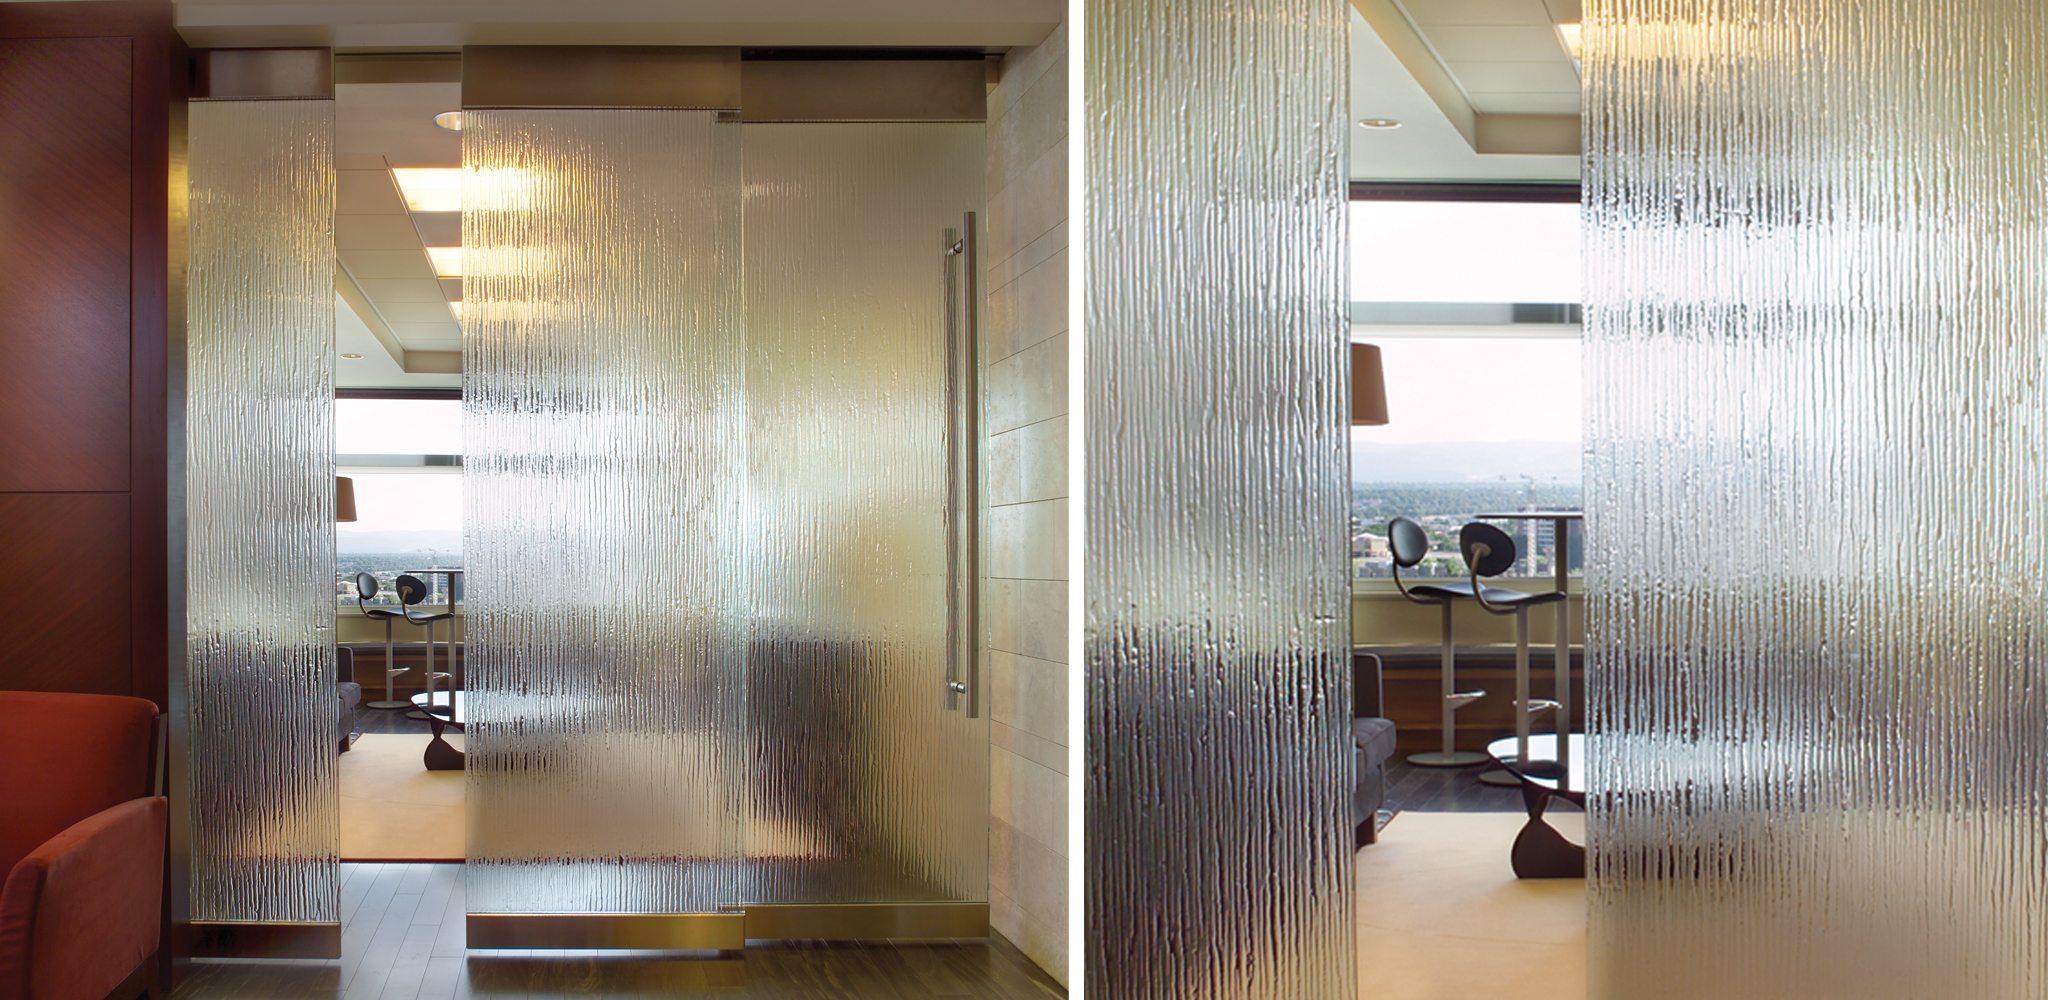 Glass Door Panels Doors Decorative Architectural